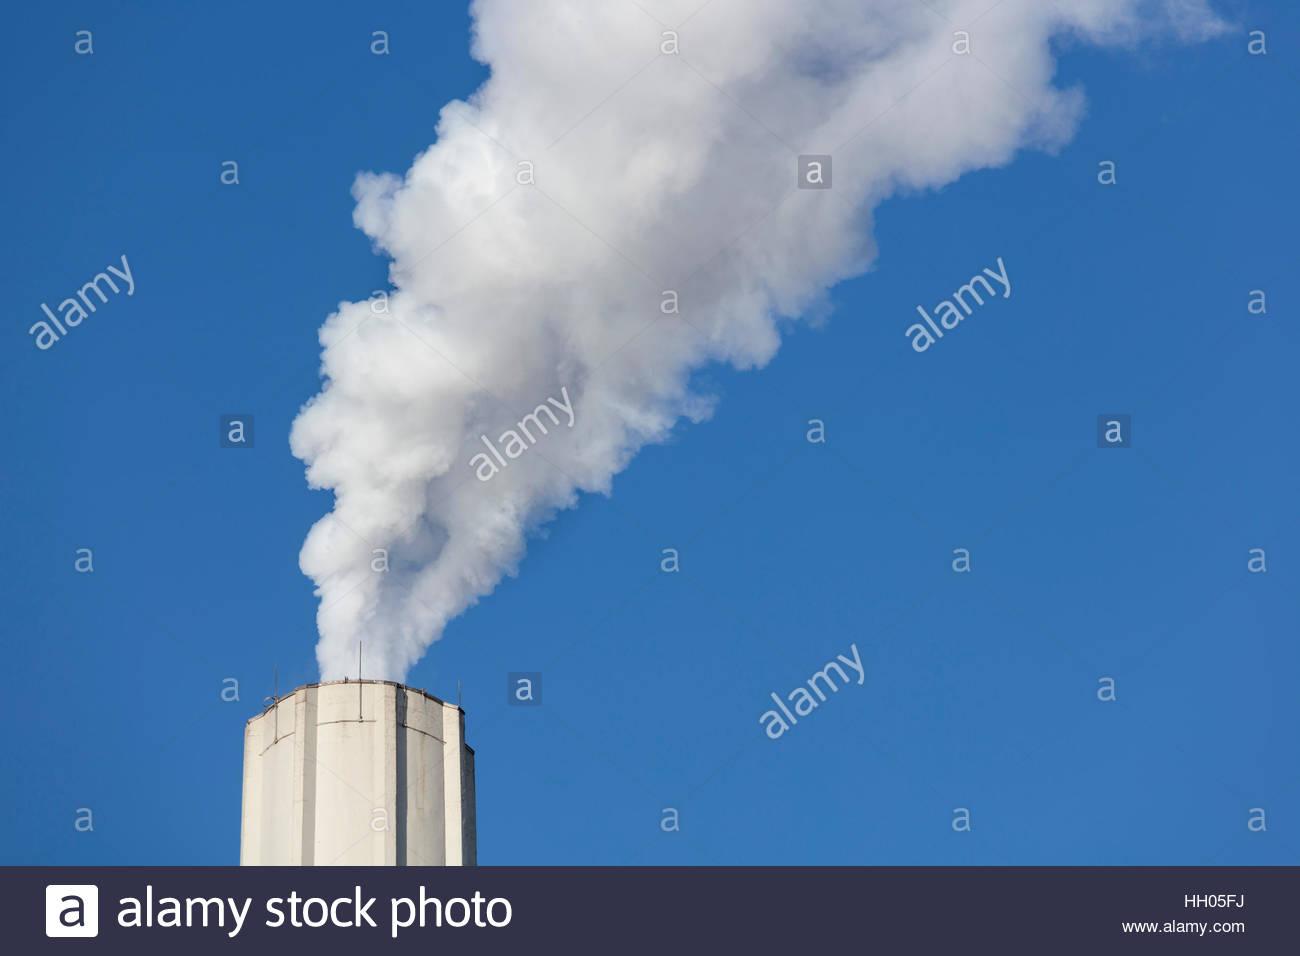 Cheminée de fumée le réchauffement climatique Le changement climatique La pollution de l'air Photo Stock